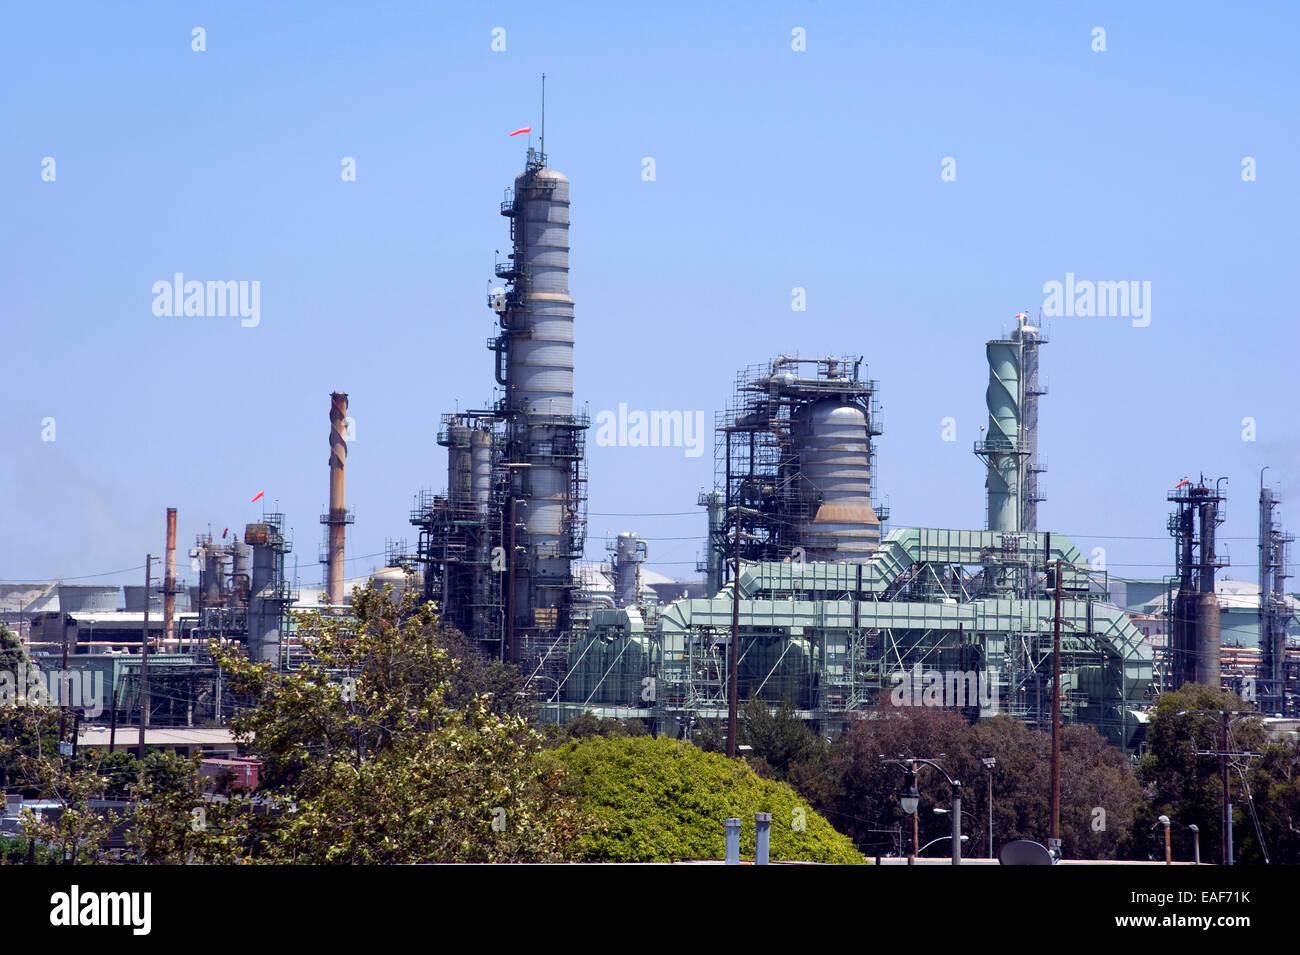 Chevron Refinery El Segundo Stock Photos & Chevron Refinery